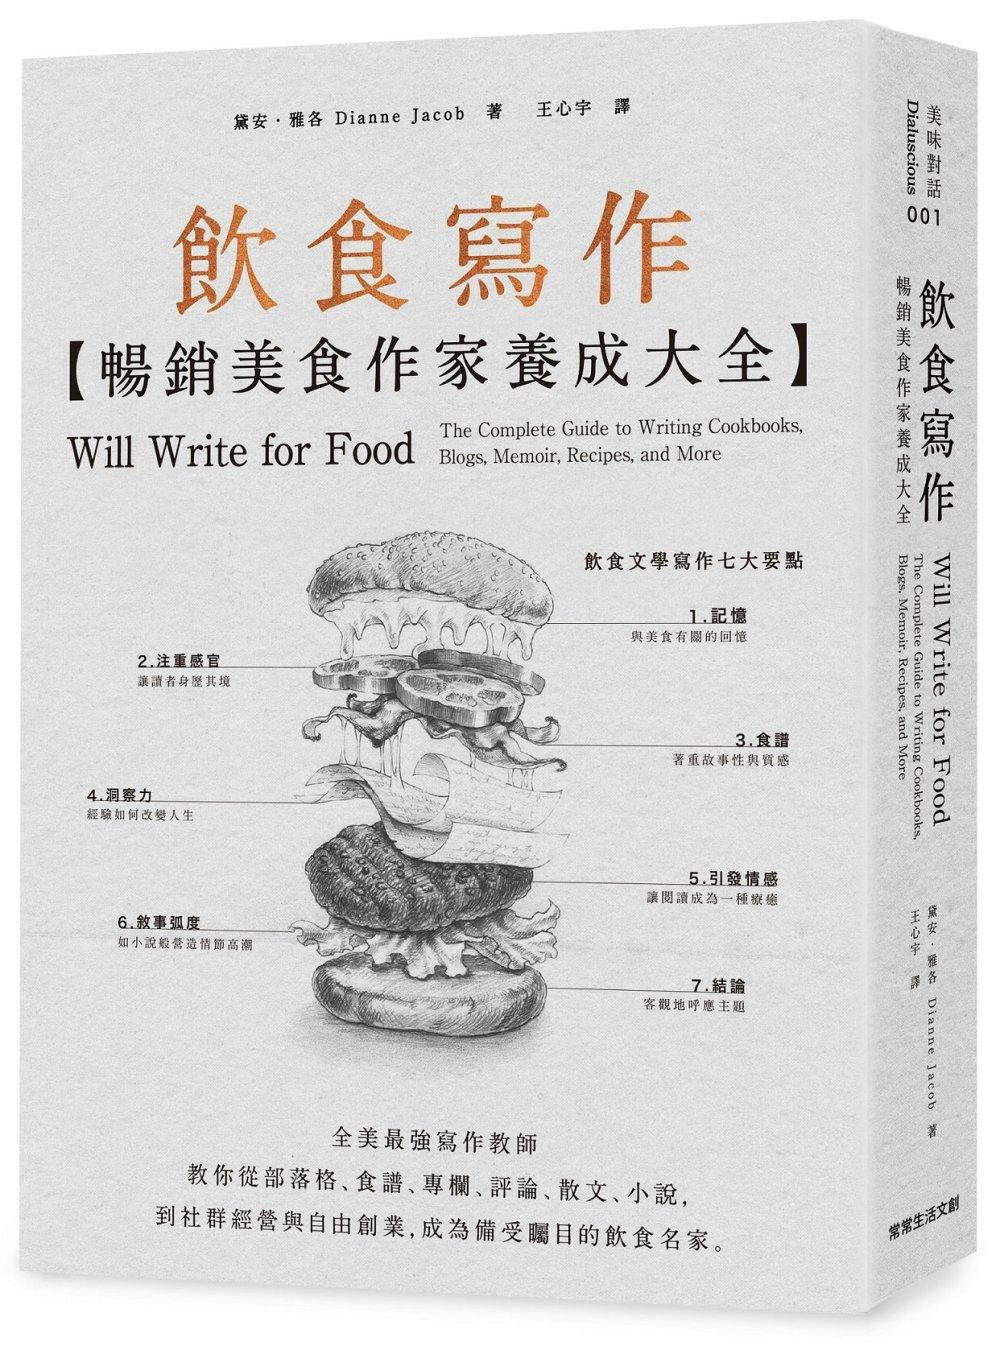 飲食寫作:暢銷美食作家養成大全:全美最強寫作教師教你從部落格、食譜、專欄、評論、散文、小說,到社群經營與自由創業,成為備受矚目的飲食名家。